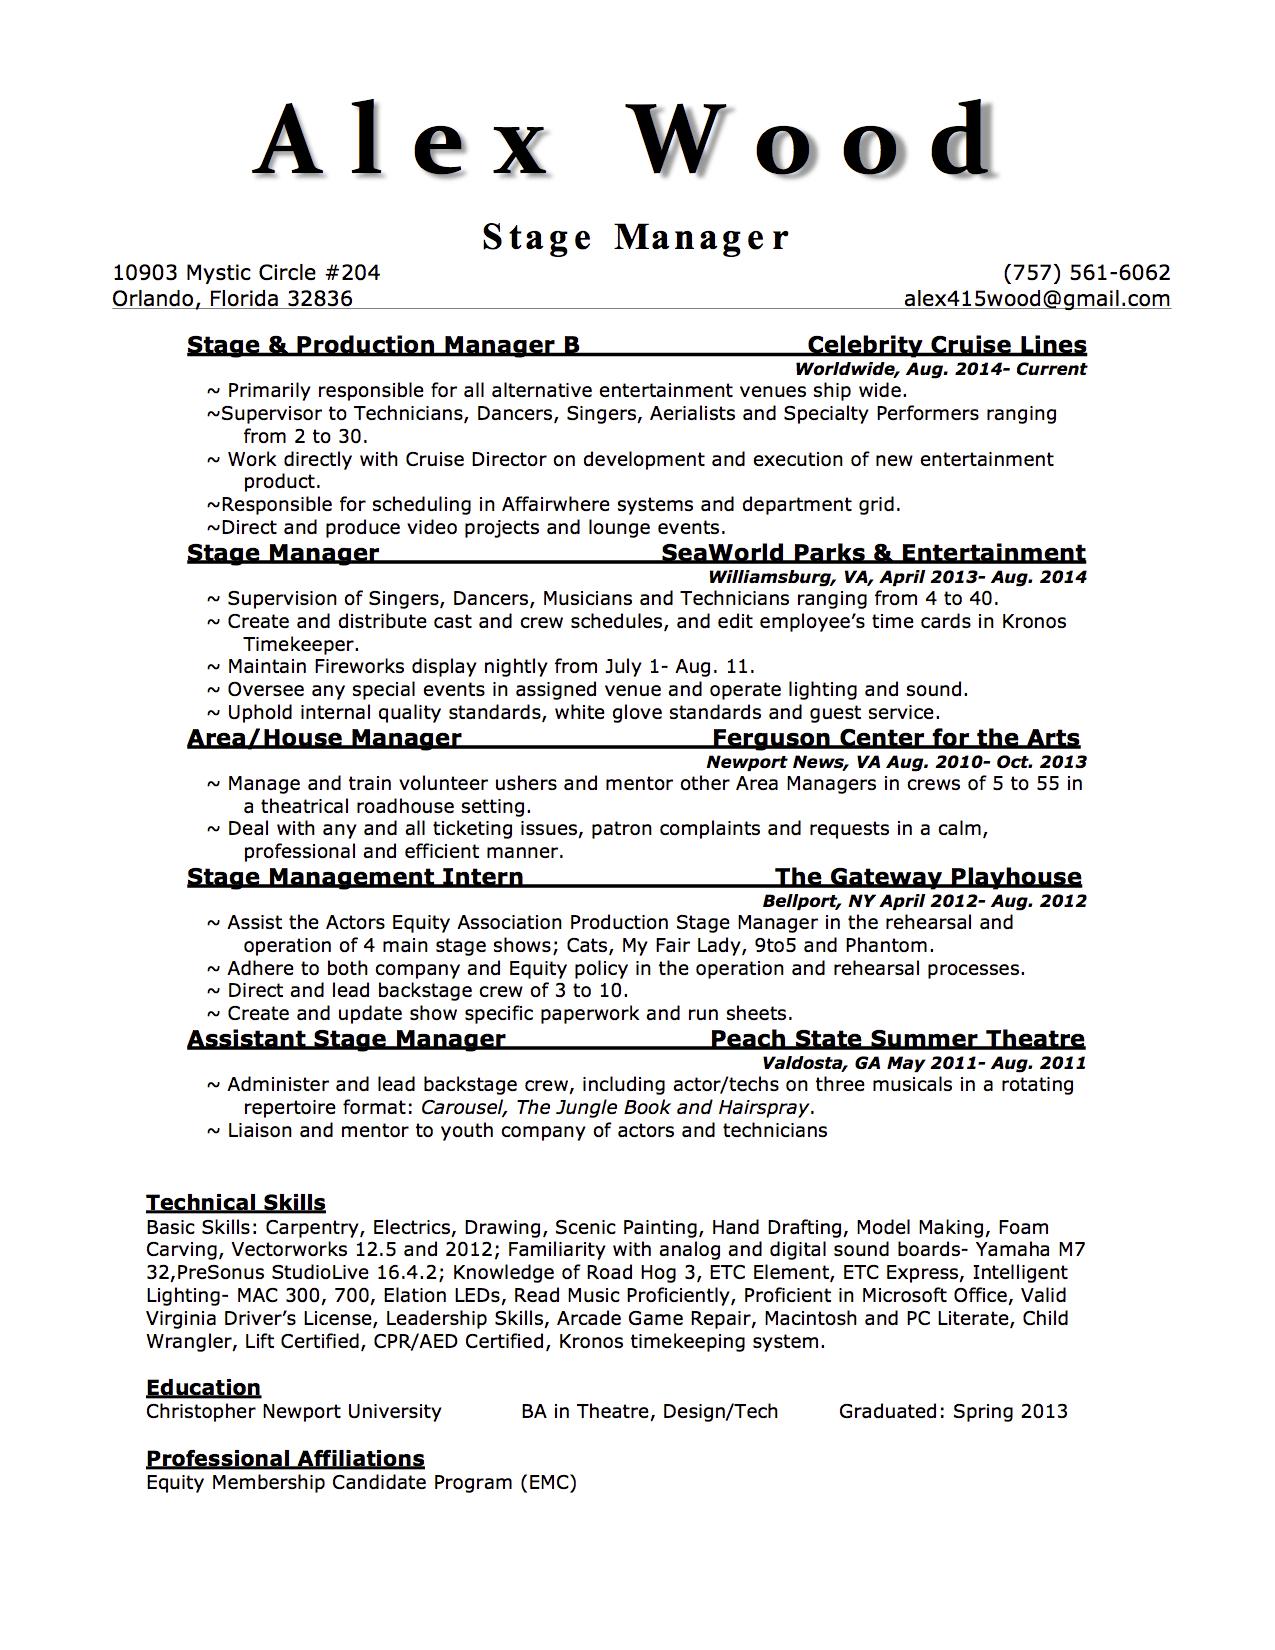 Stage Manager Resume Description Virtren